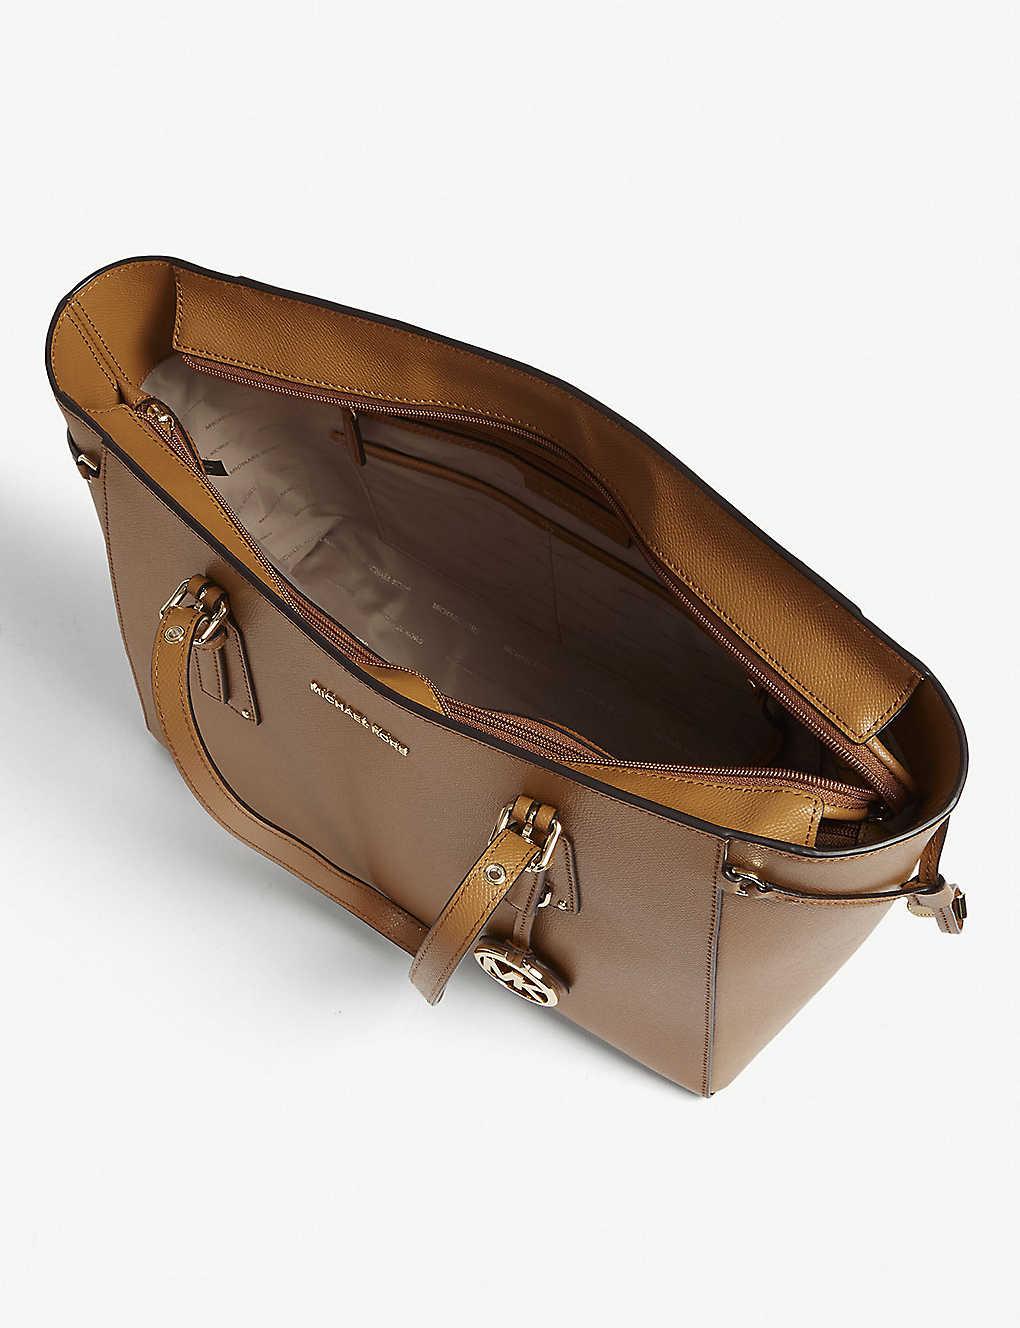 3eaf087aff5984 MICHAEL MICHAEL KORS - Voyager leather tote bag | Selfridges.com